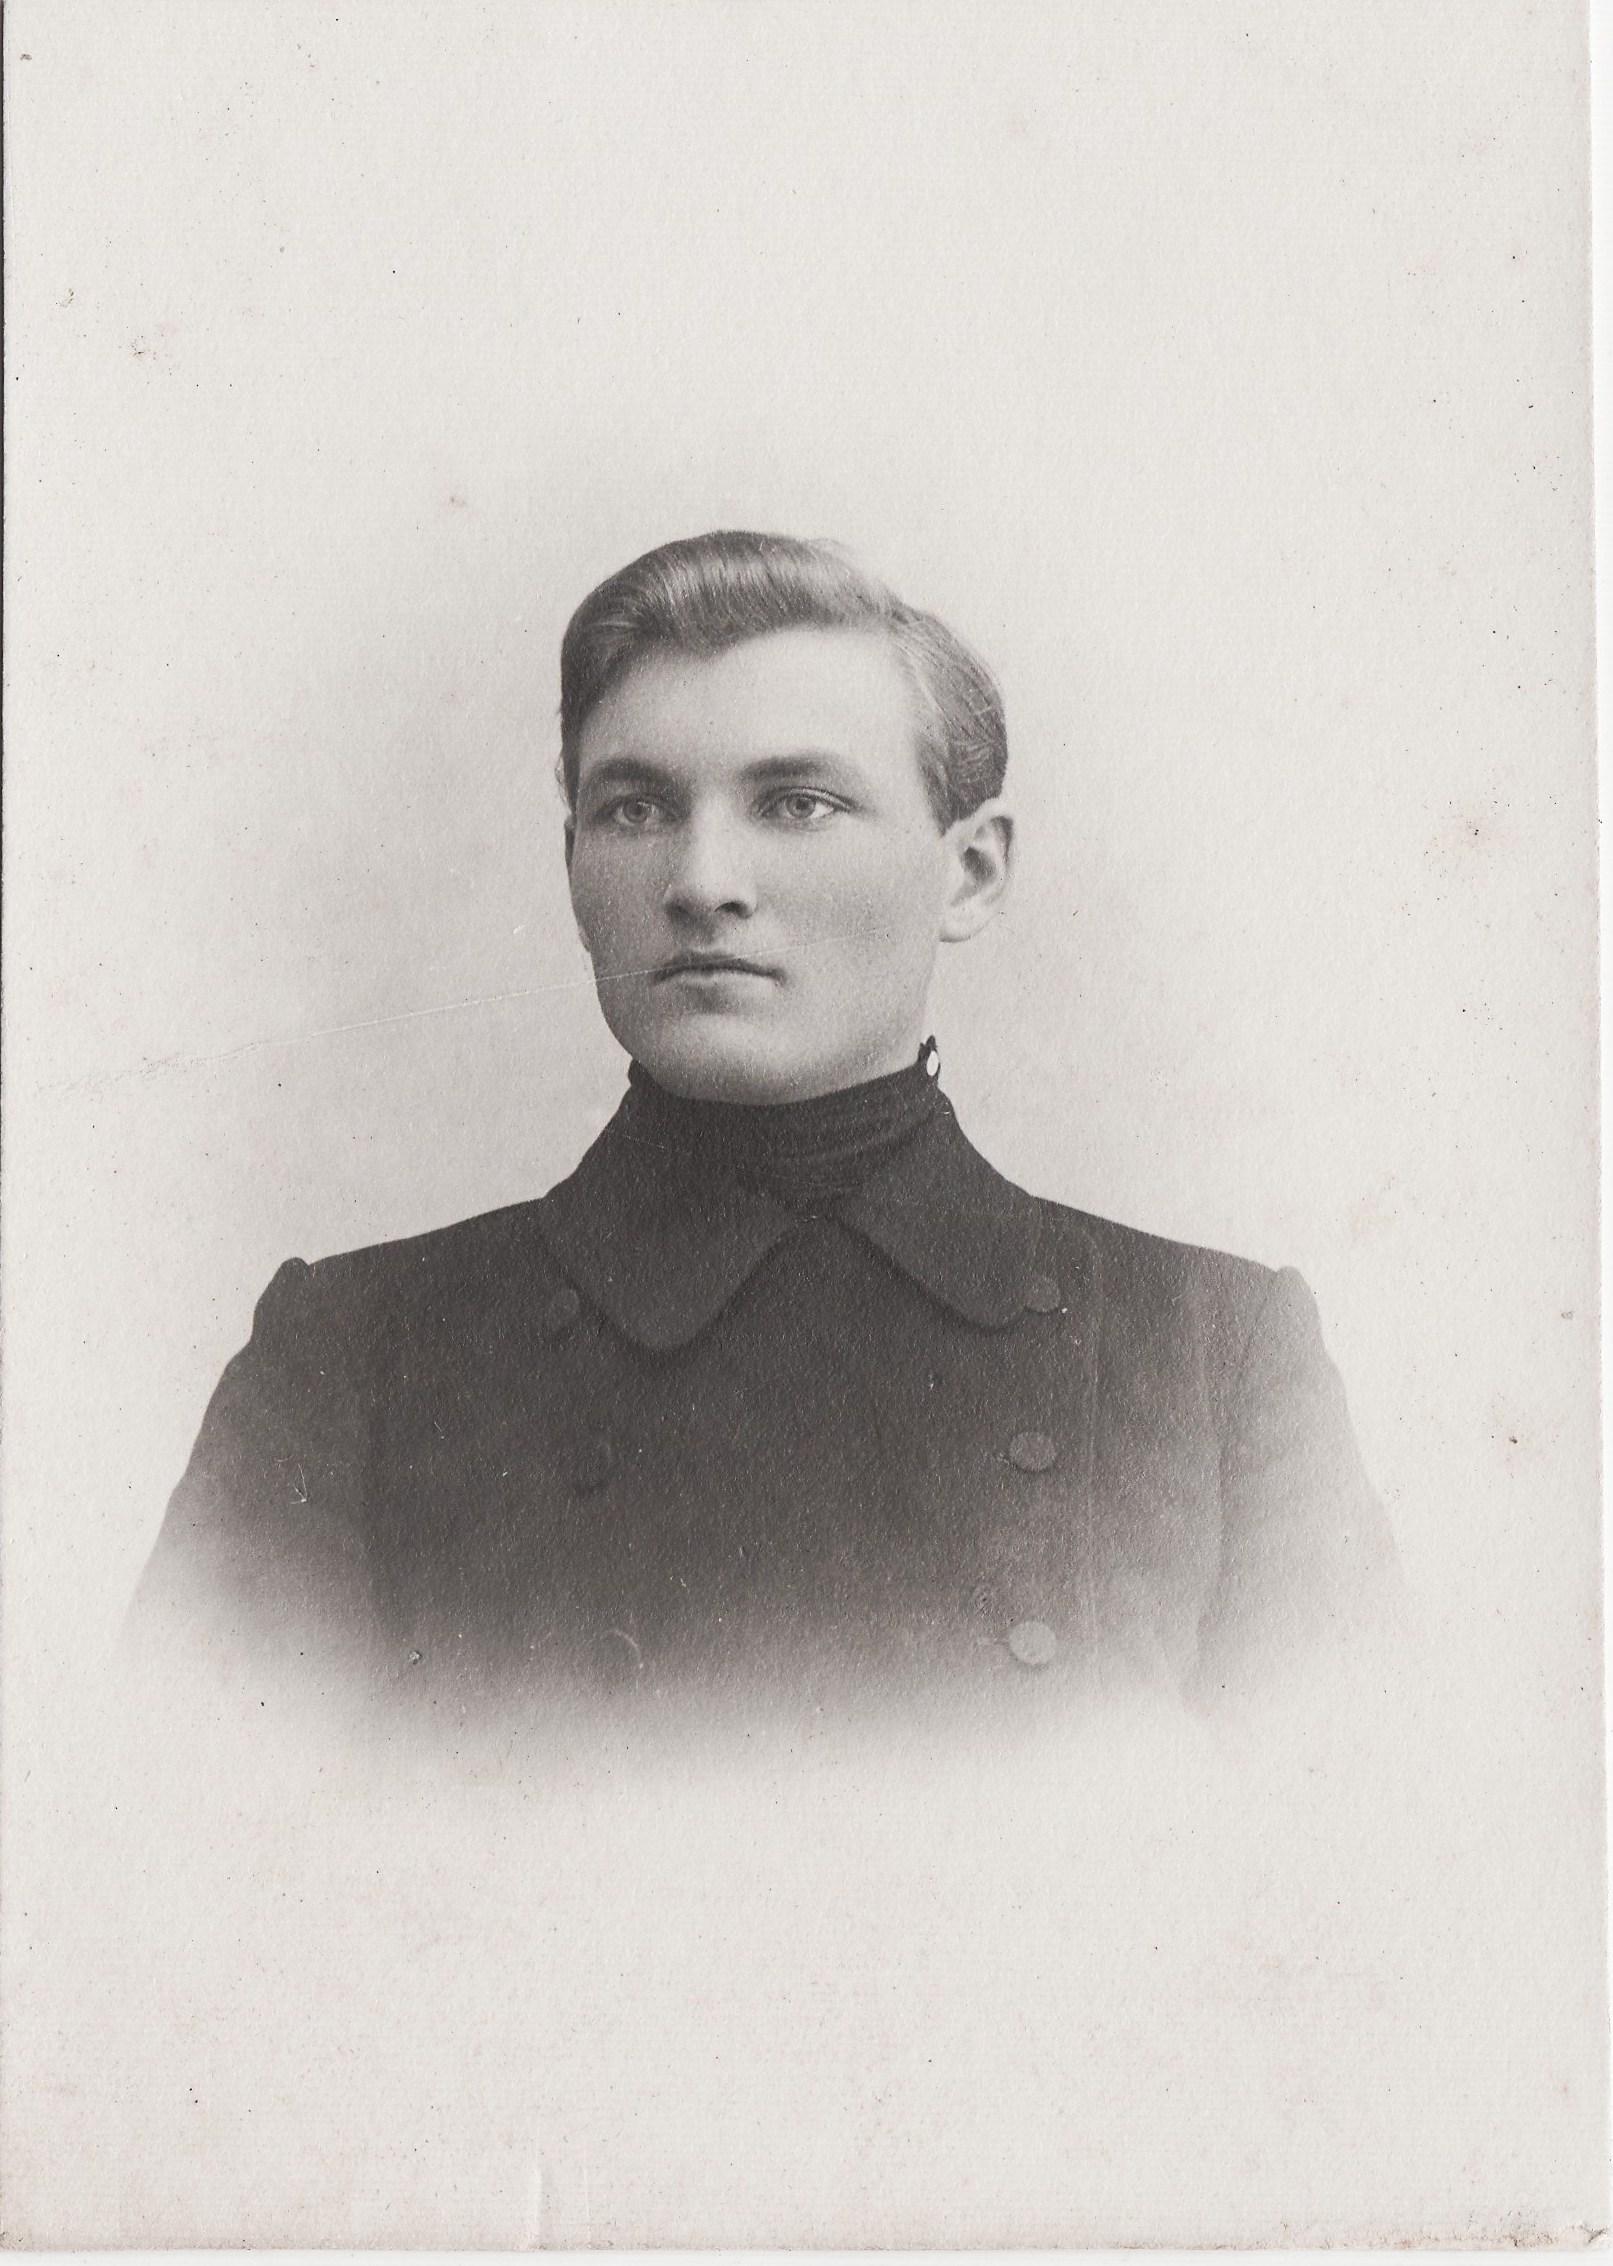 Студент Валединский Дмитрий. I отделение разряд 2